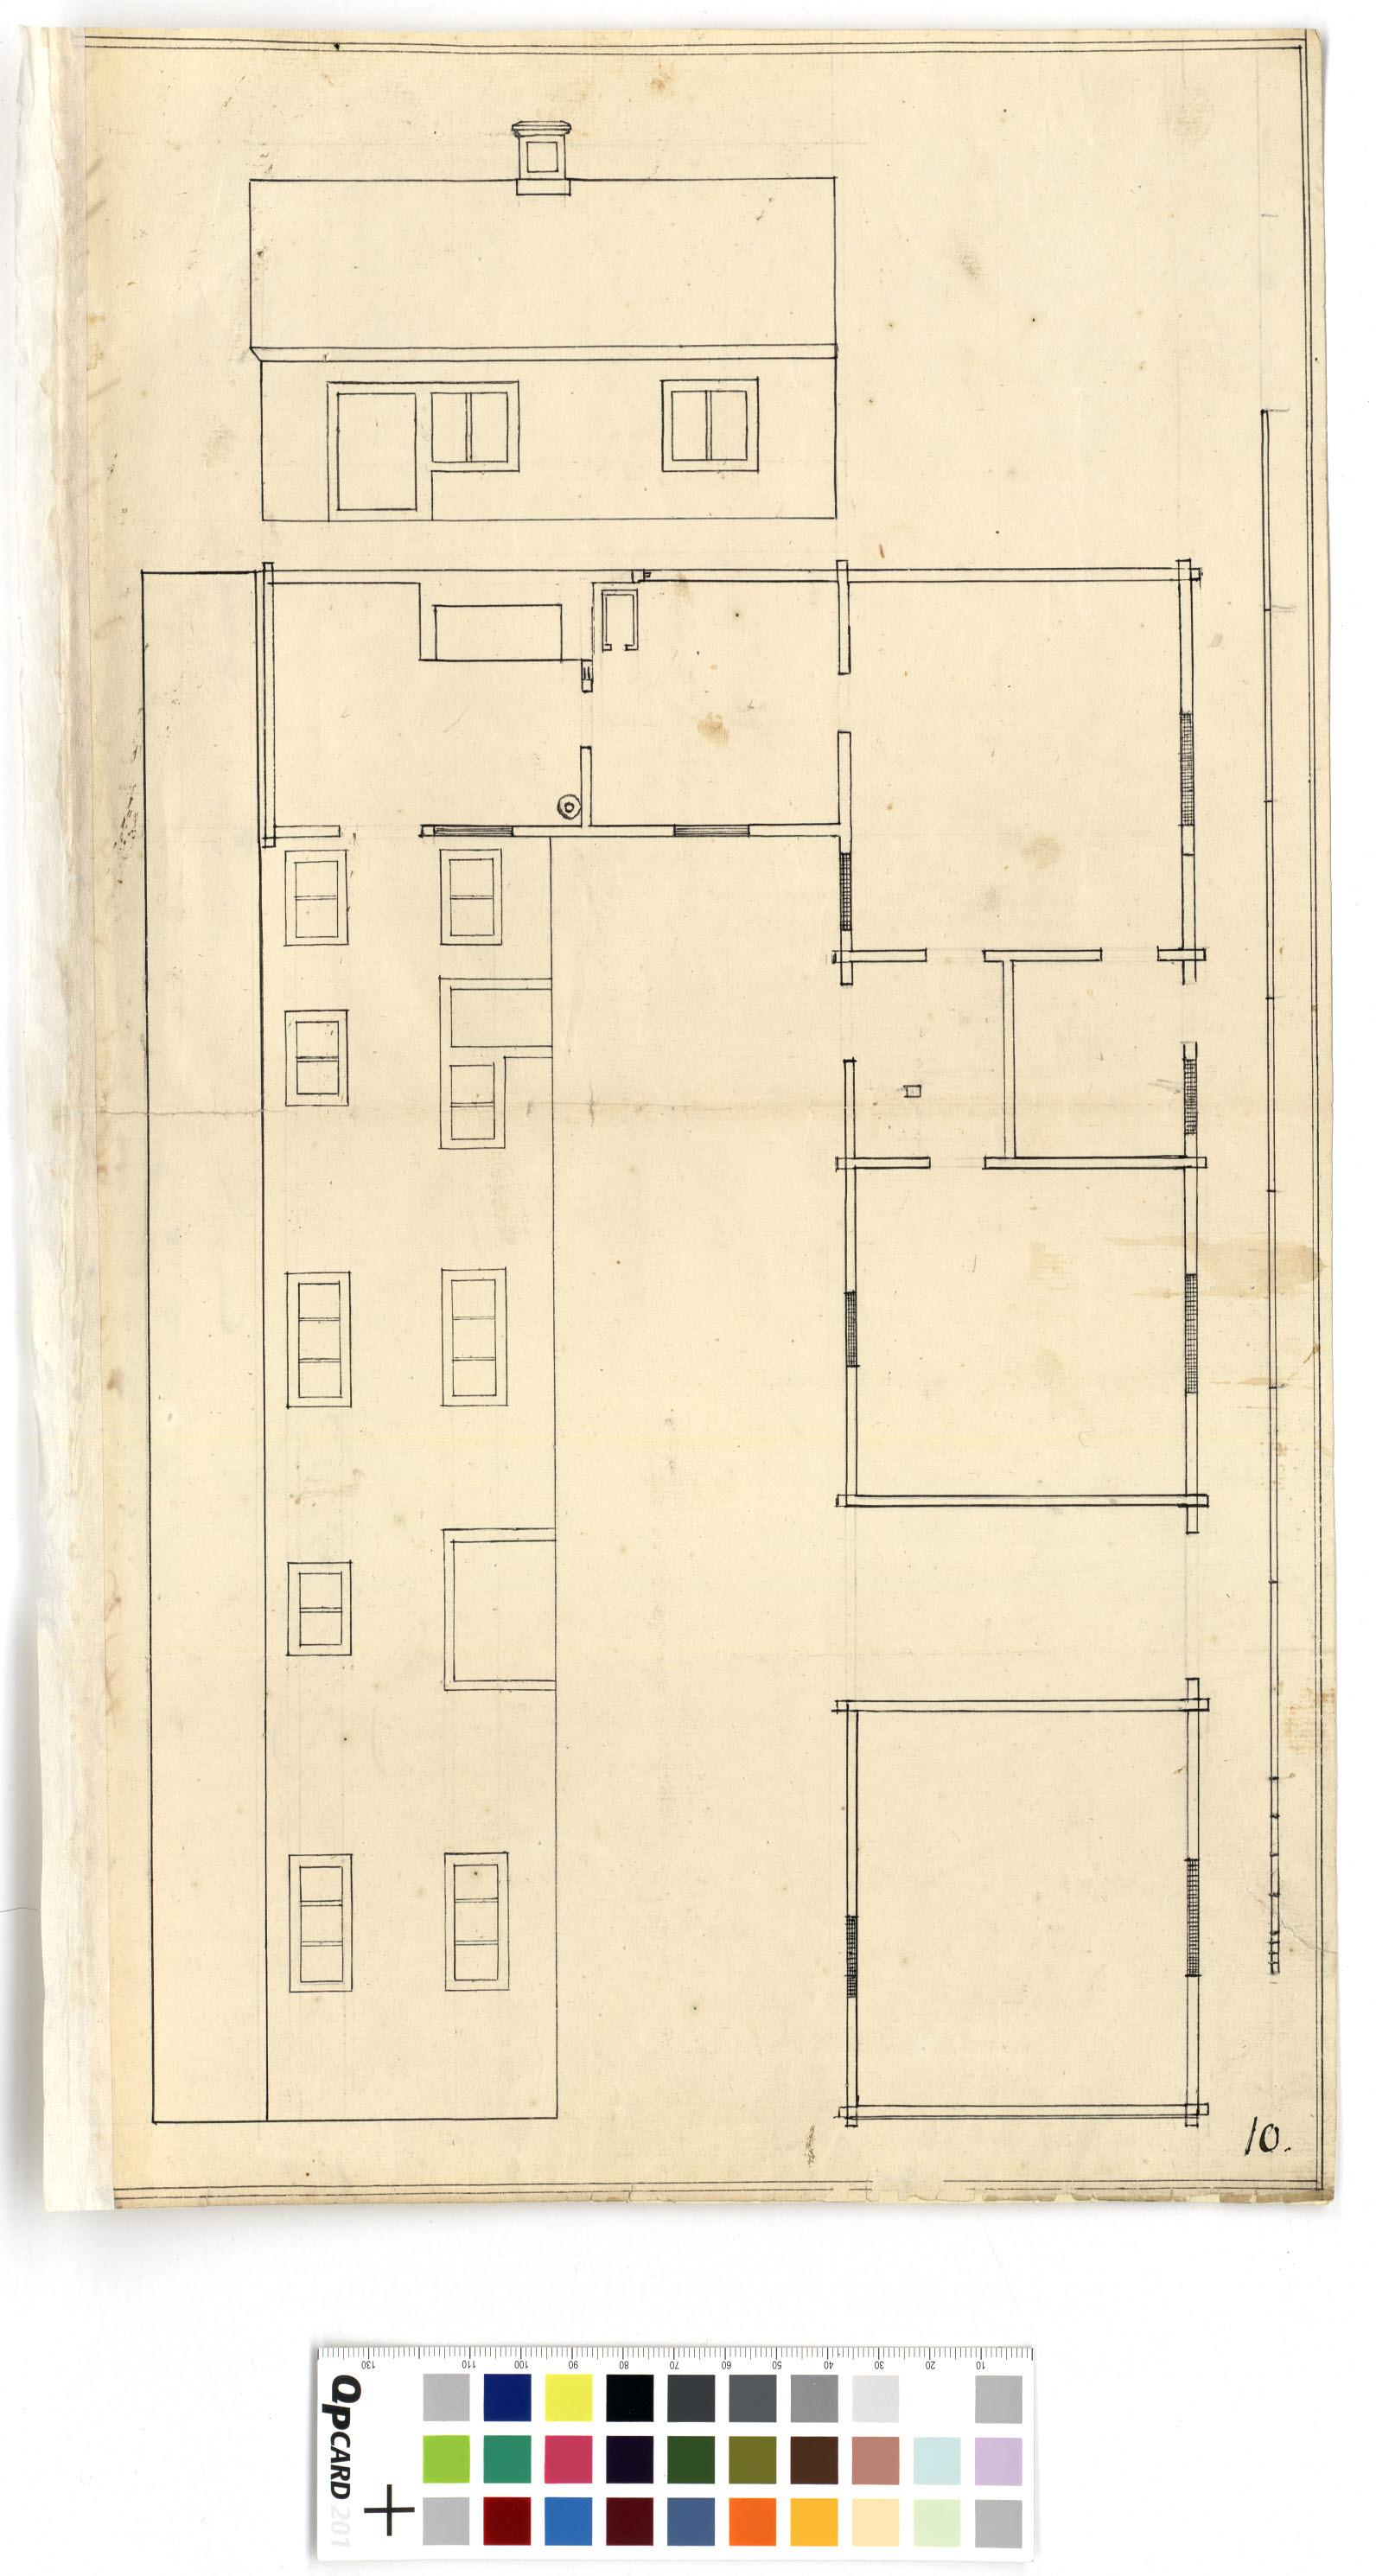 NS037-BN-1725-10